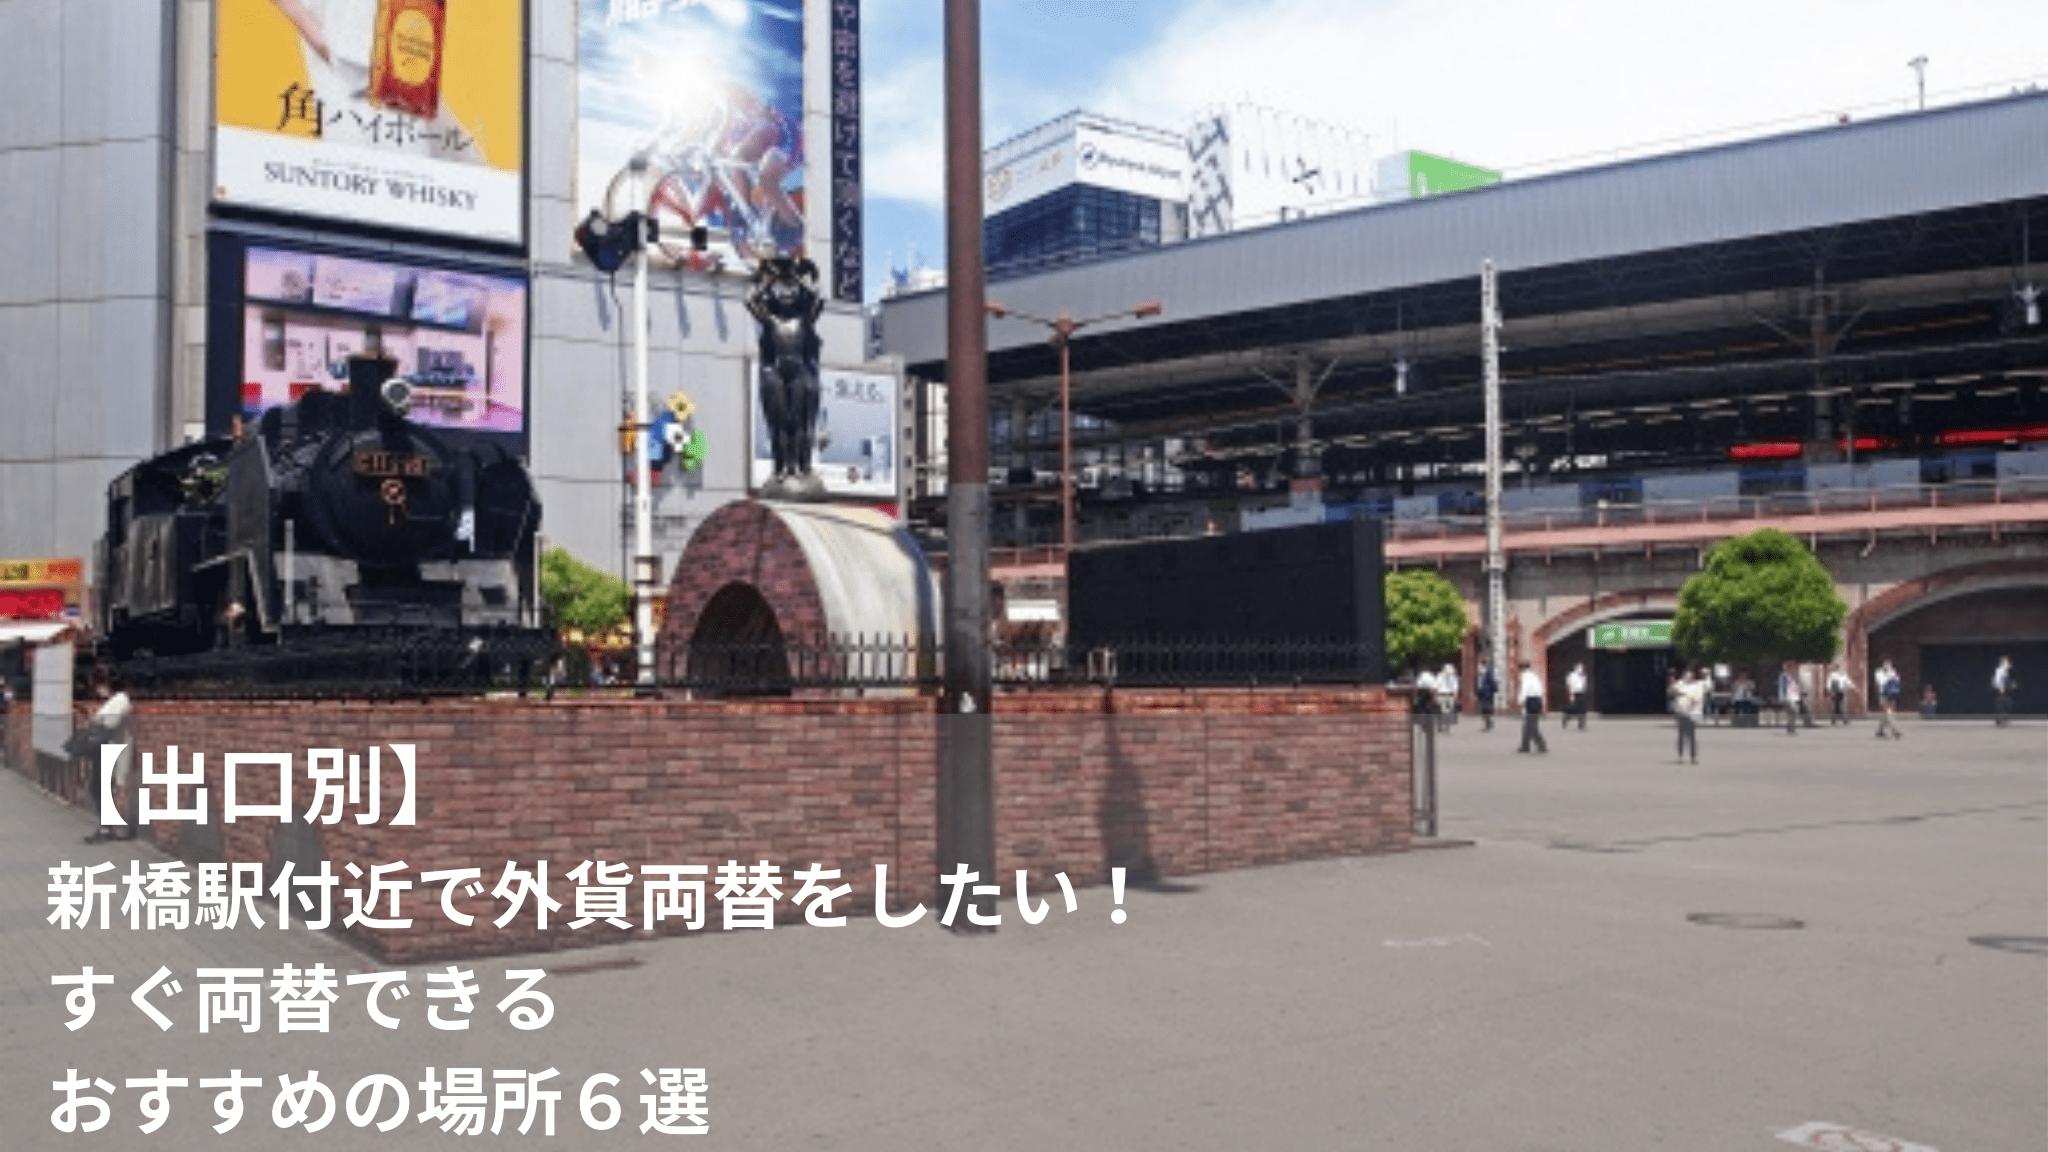 【出口別】新橋駅付近で外貨両替をしたい!すぐ両替できるおすすめの場所6選